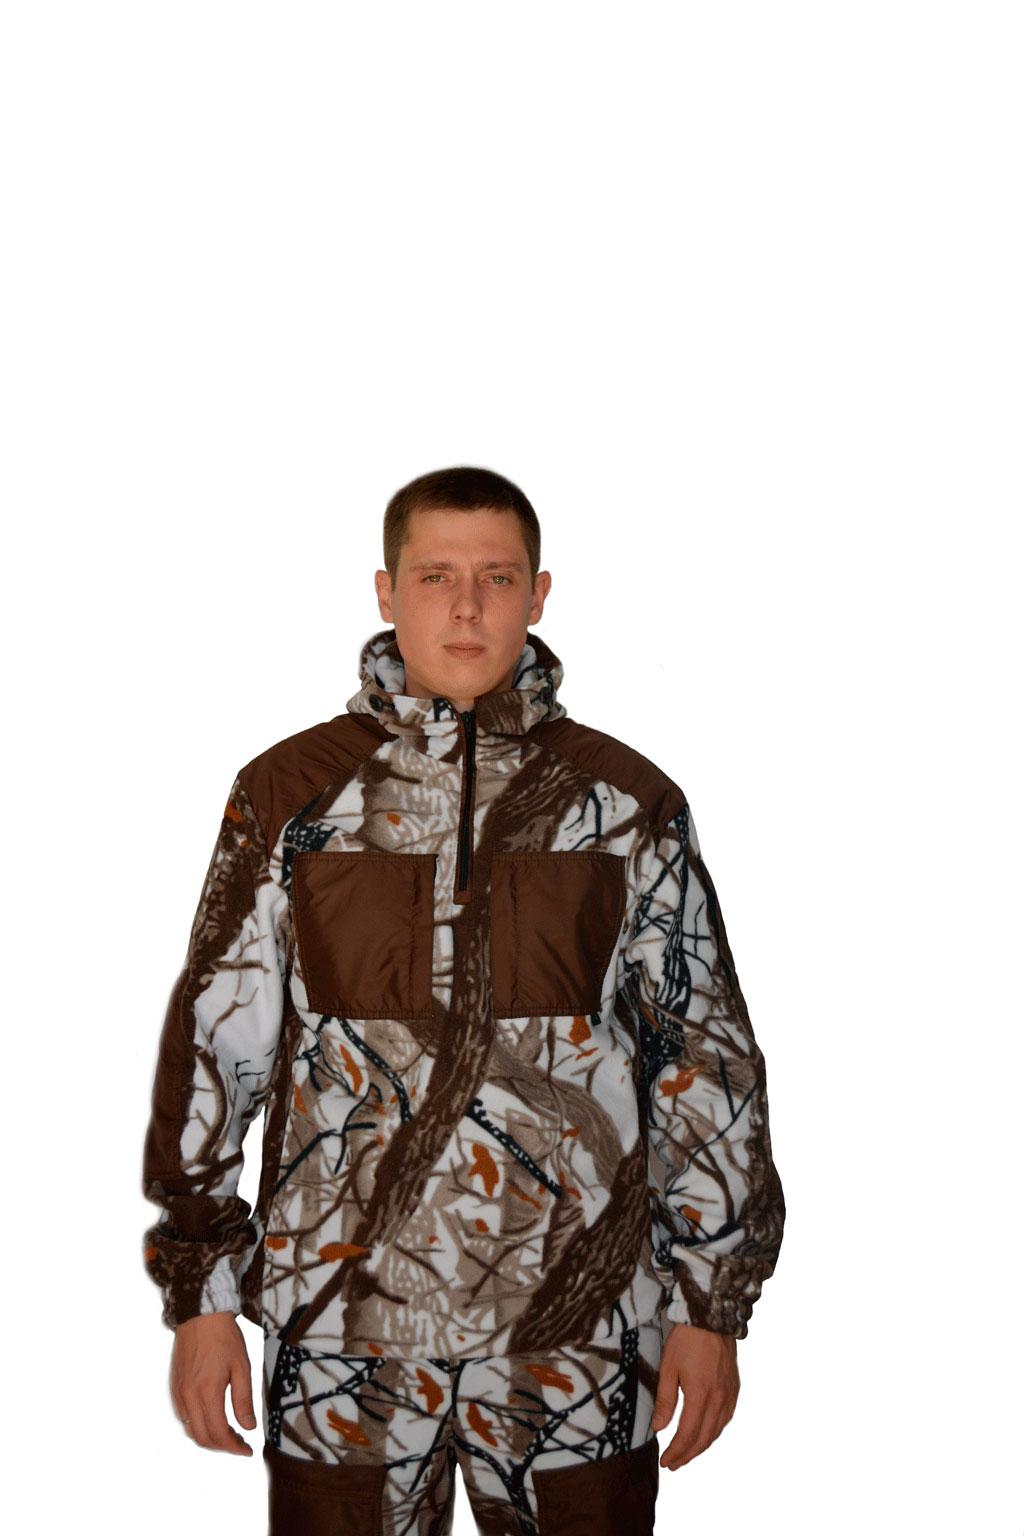 Флисовый костюм Сурок кмф Белый лес с Костюмы флисовые<br><br><br>Пол: мужской<br>Сезон: демисезонный